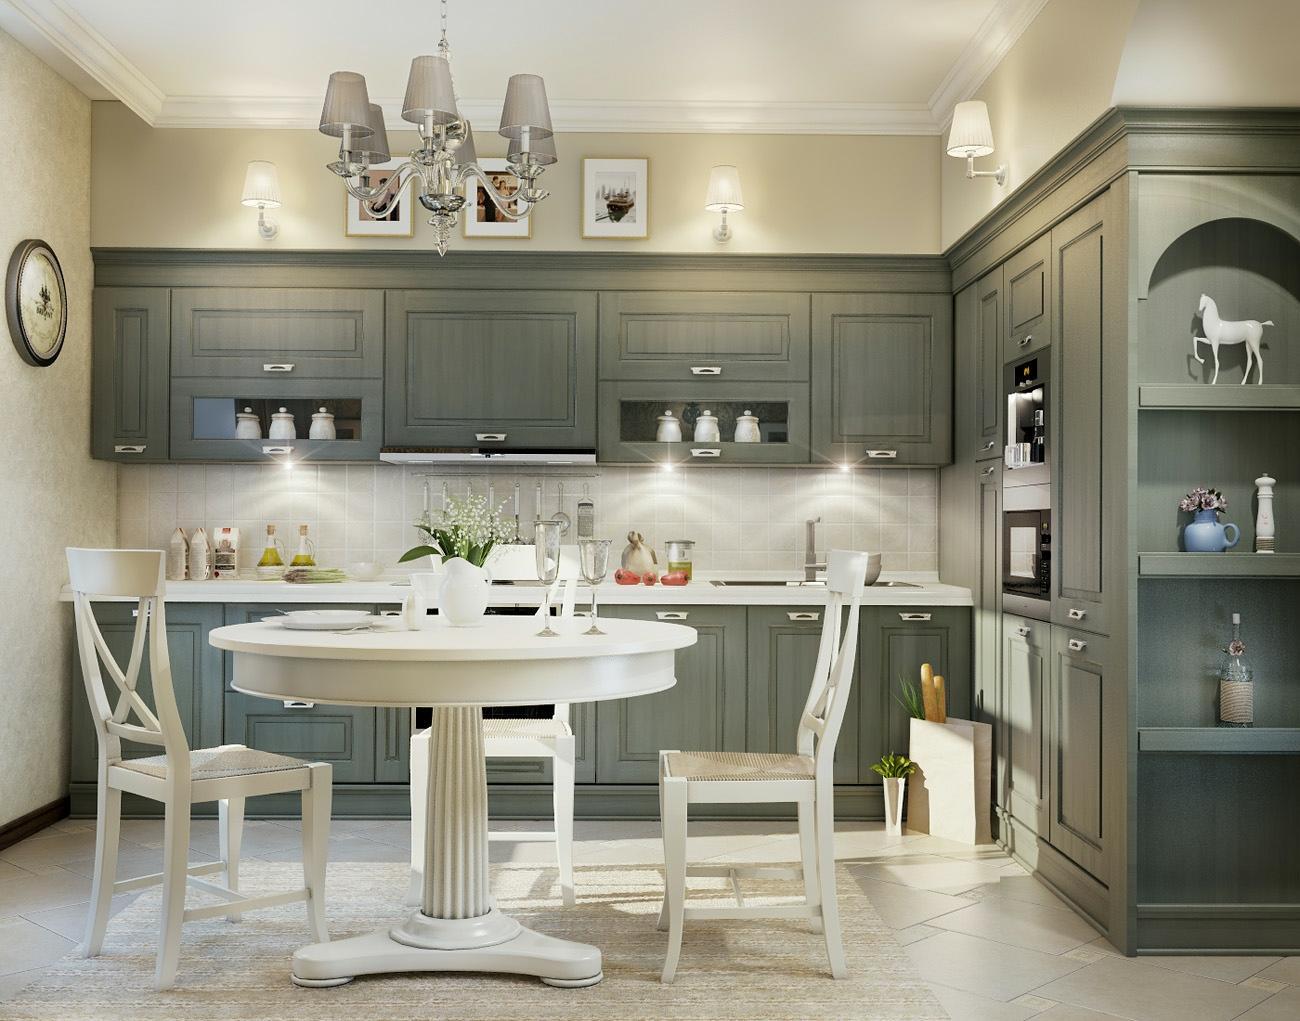 grey traditional kitchen  Interior Design Ideas